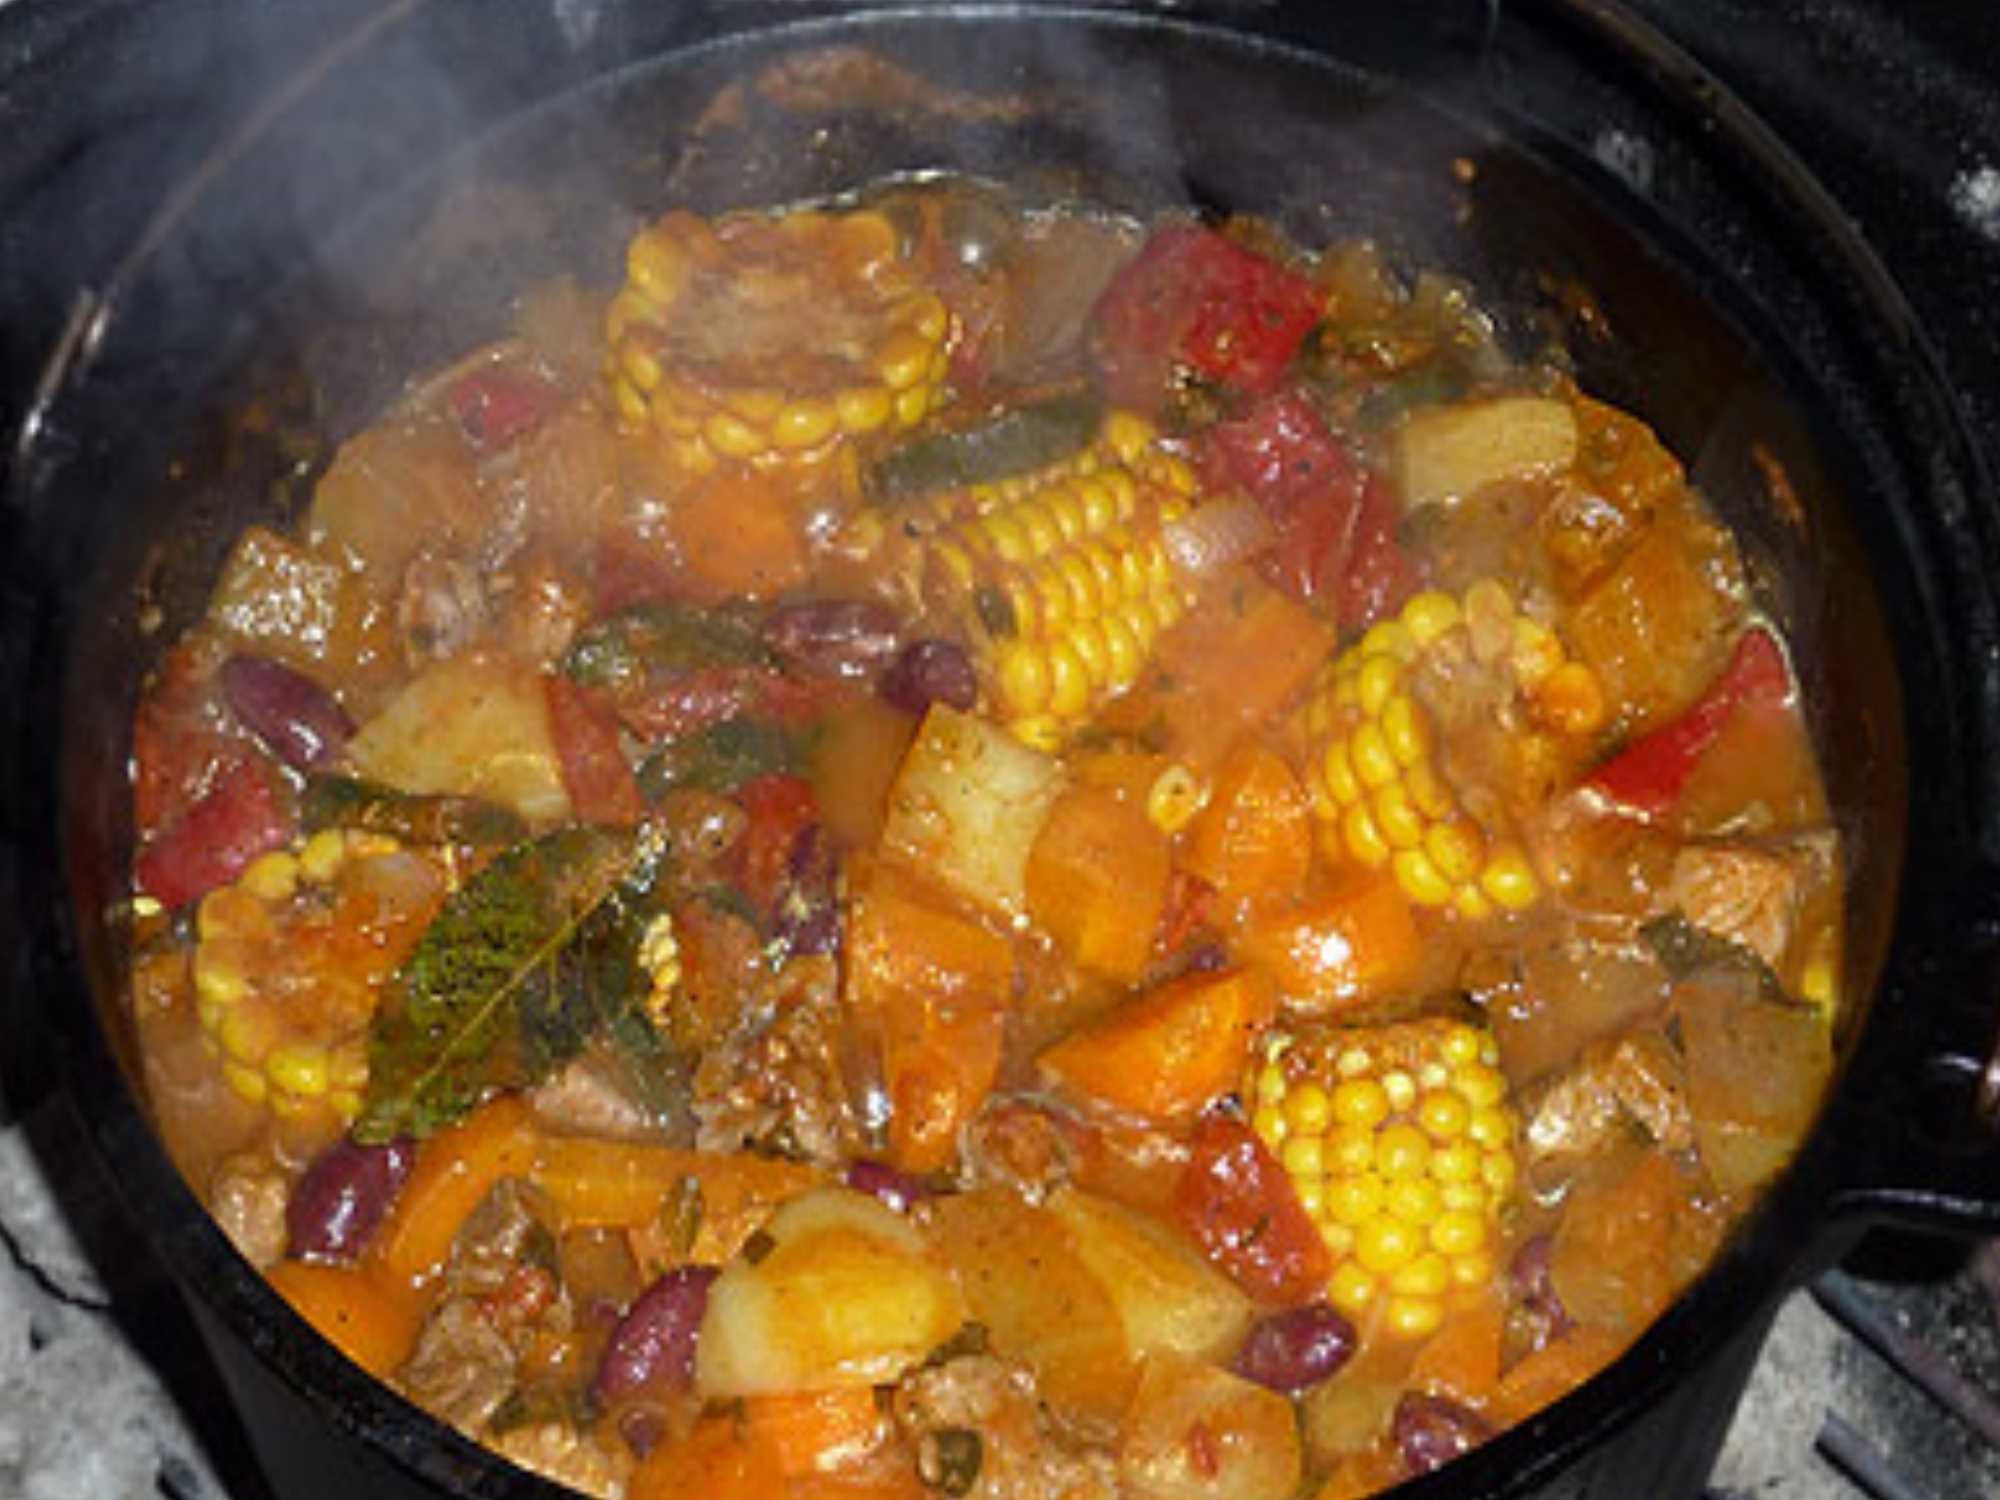 Dutch Oven Rezept: Gemüseeintopf